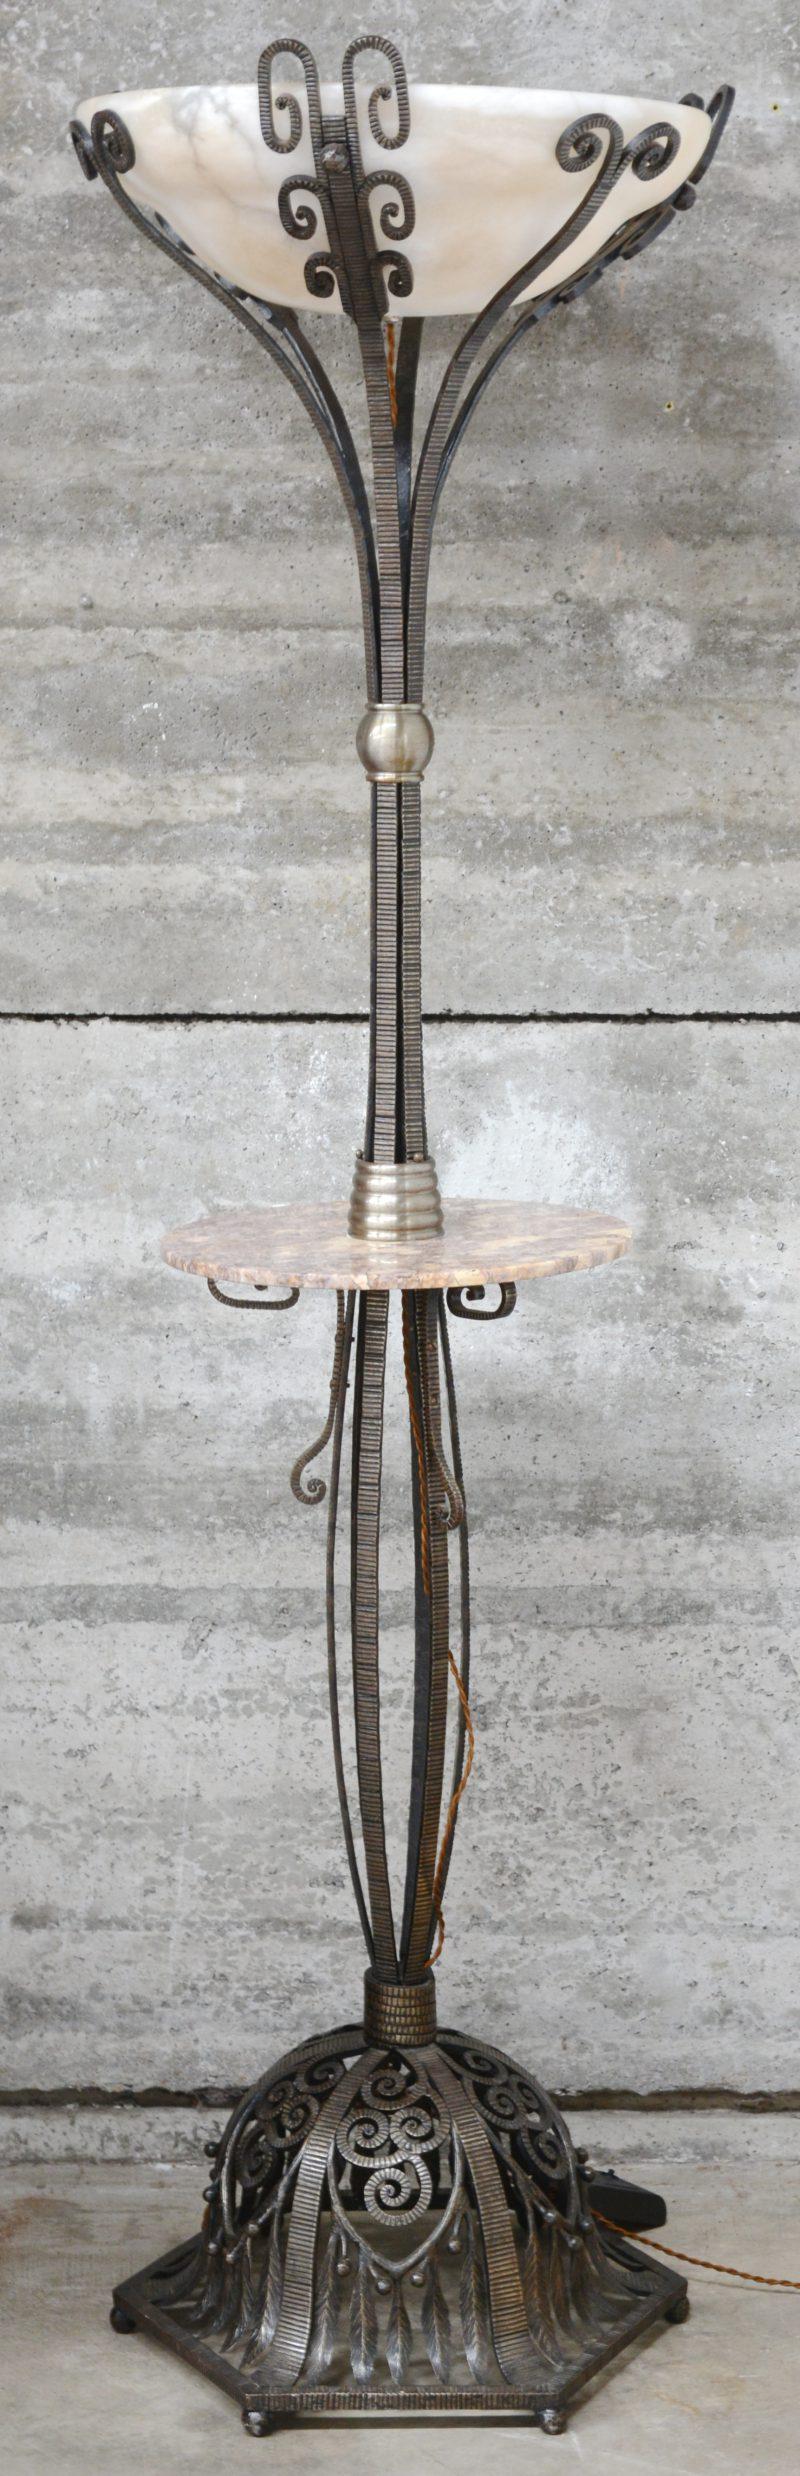 Een smeedijzeren art deco stijl staande lamp met grote glazen coupe en een marmeren blad. Naar Majorelle.